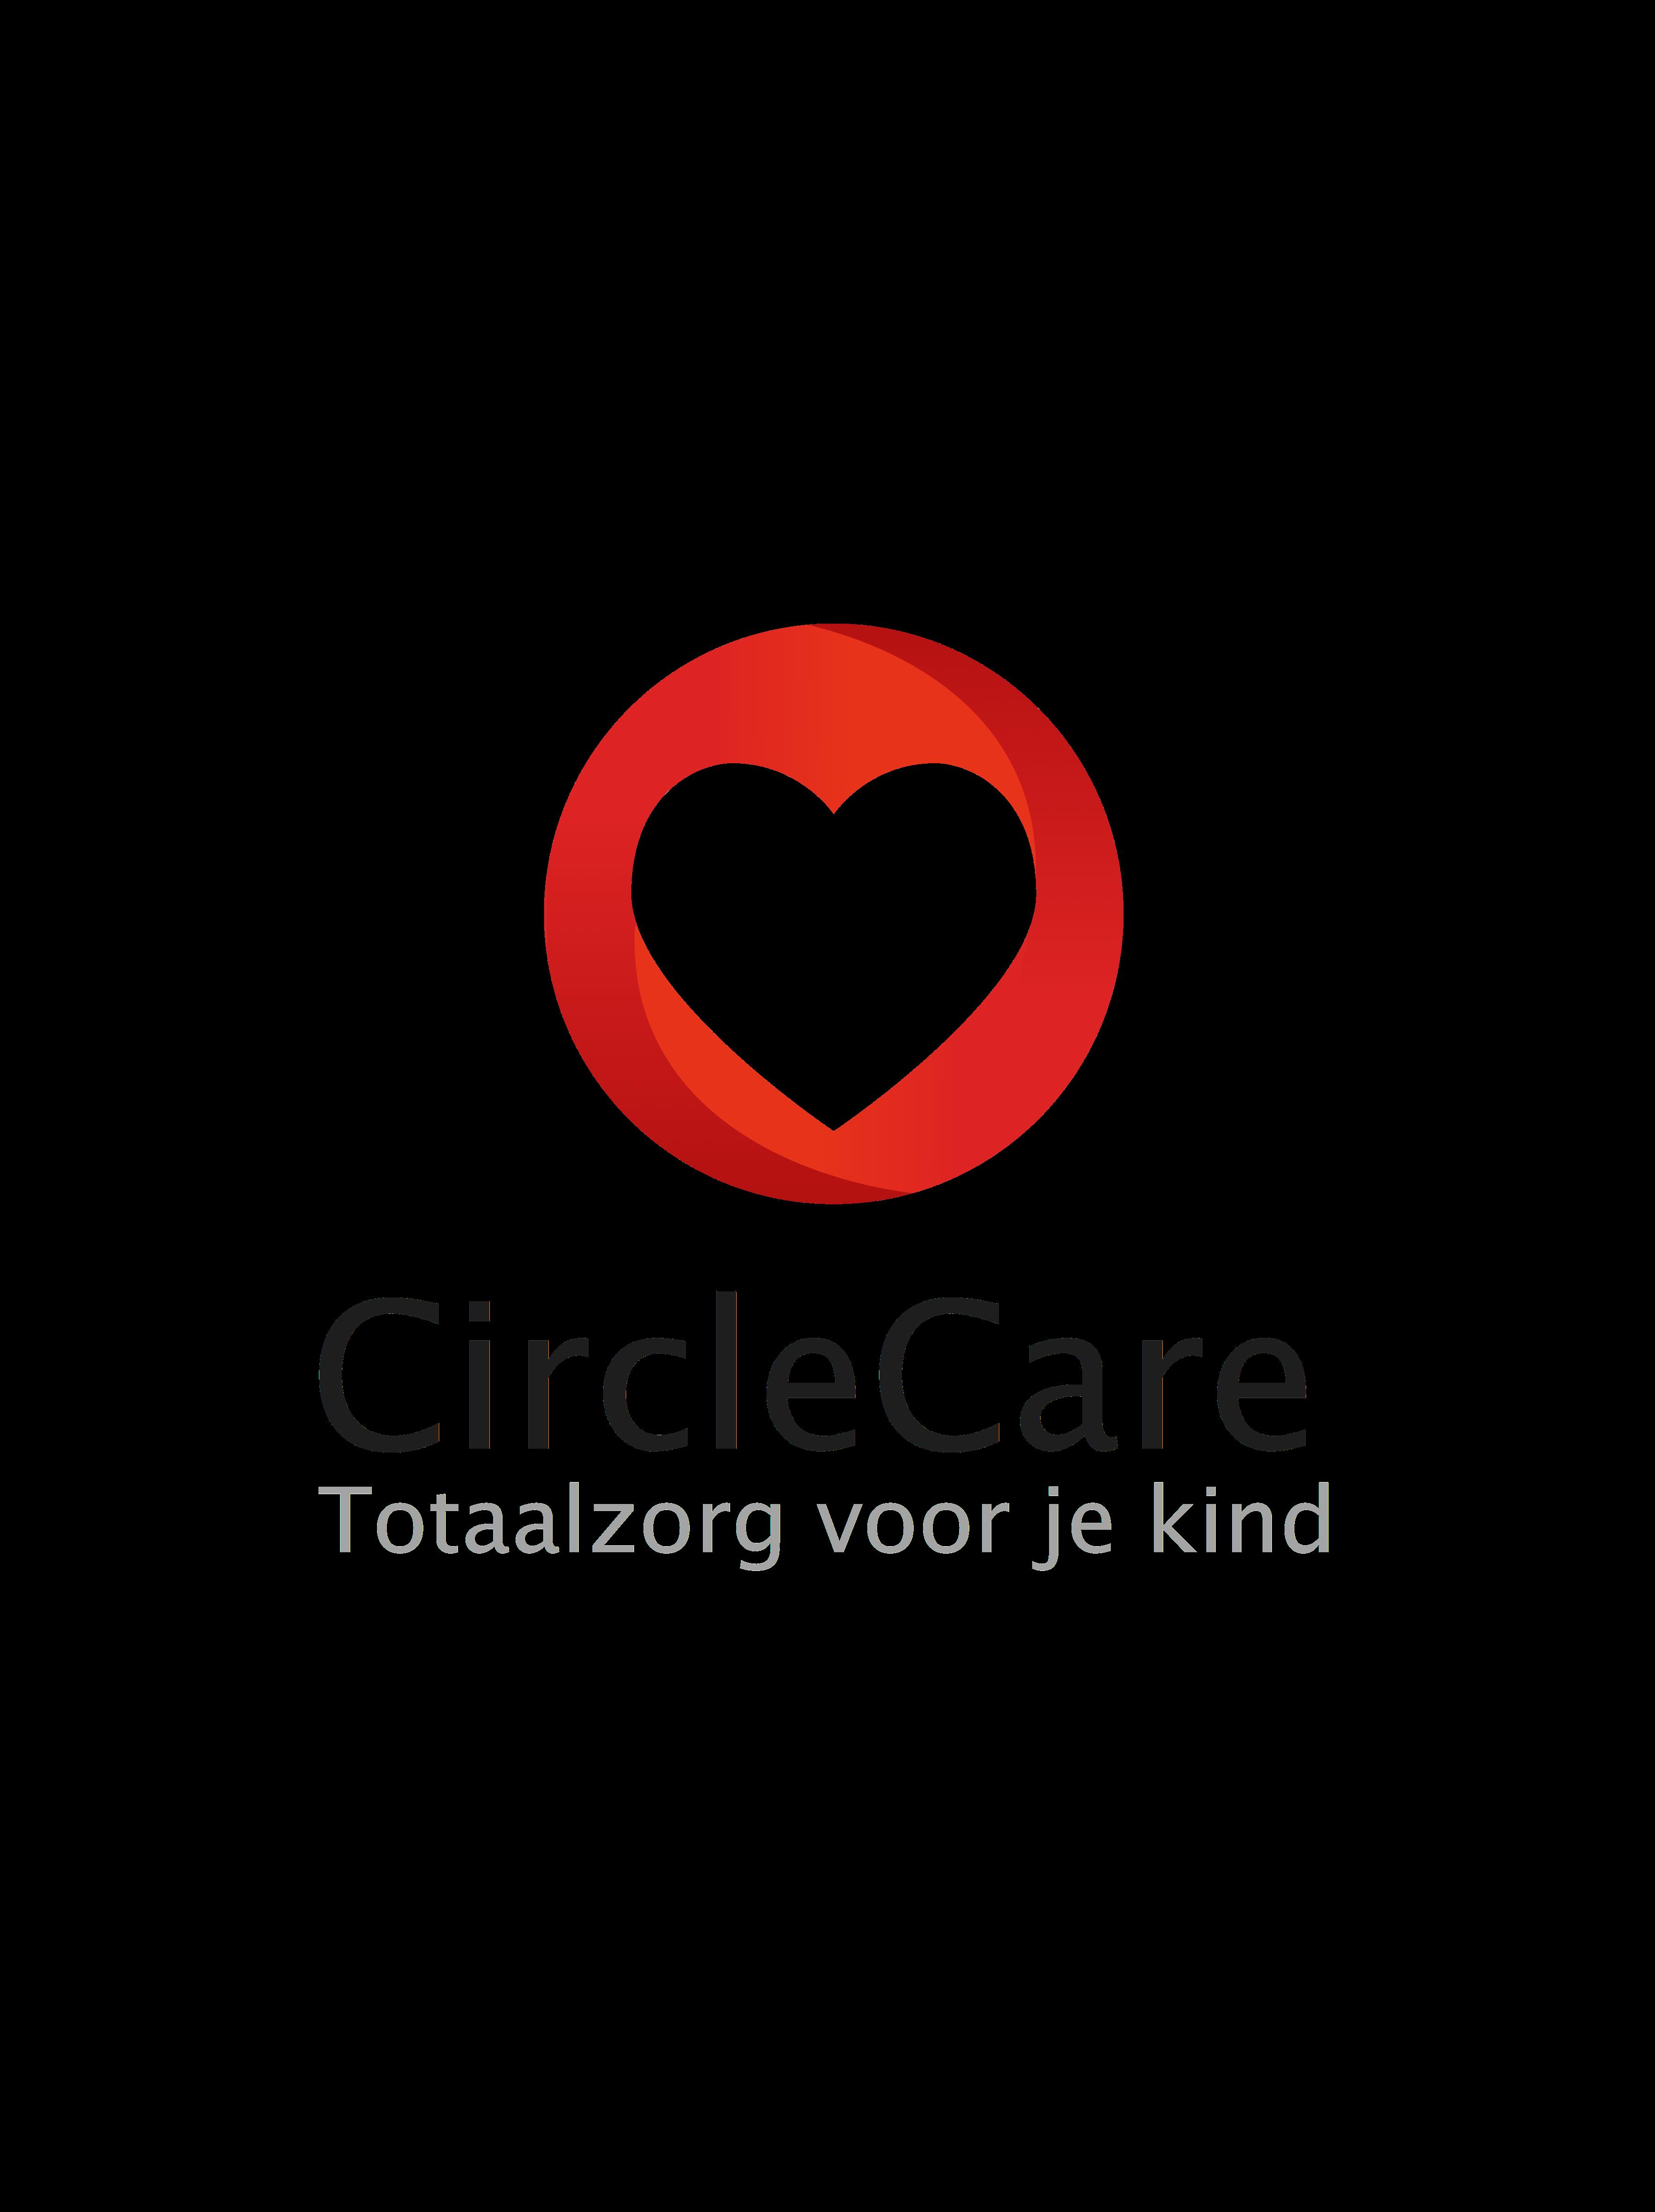 CircleCare Gent - Totaalzorg voor je kind